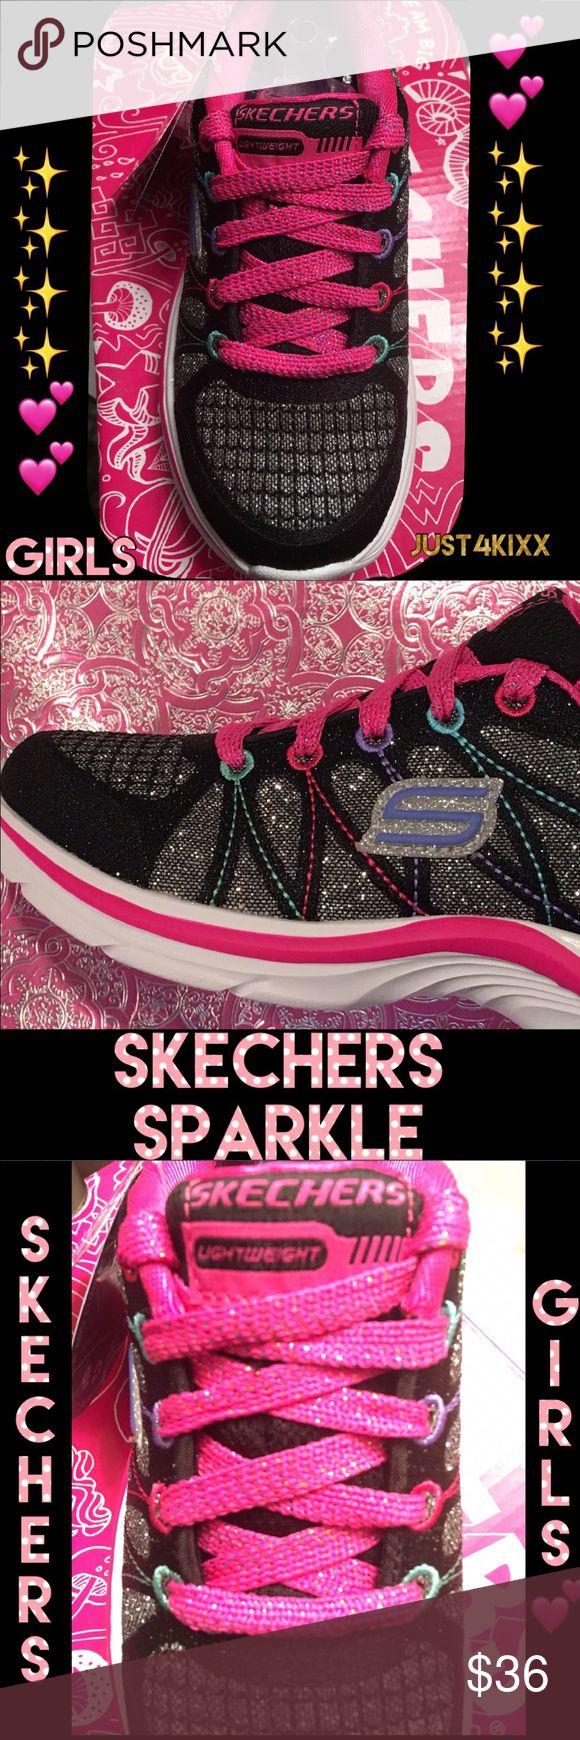 New Girls Skechers Sneakers She'll ❤️ Skechers Sparkle  Skechers Shoes Sneakers